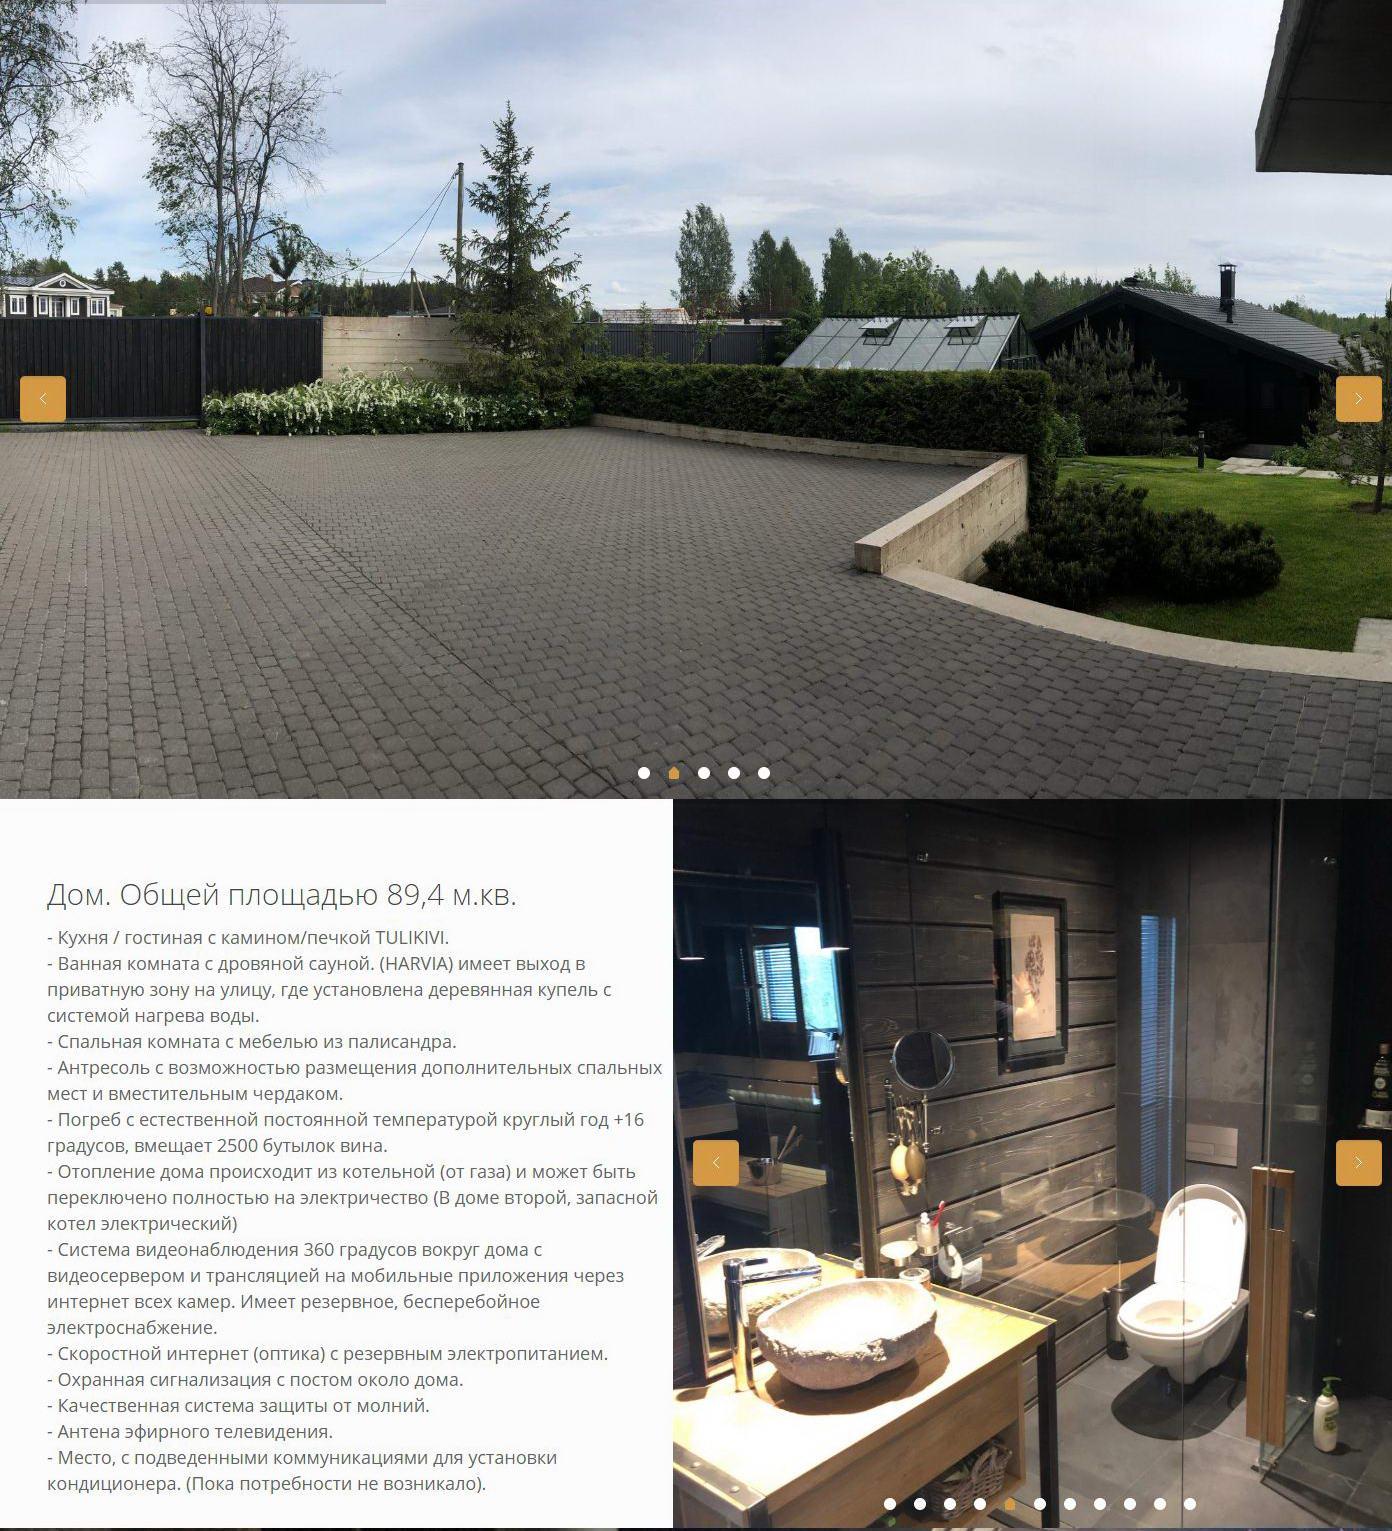 Разработка лэндинга для продажи Уникального дома